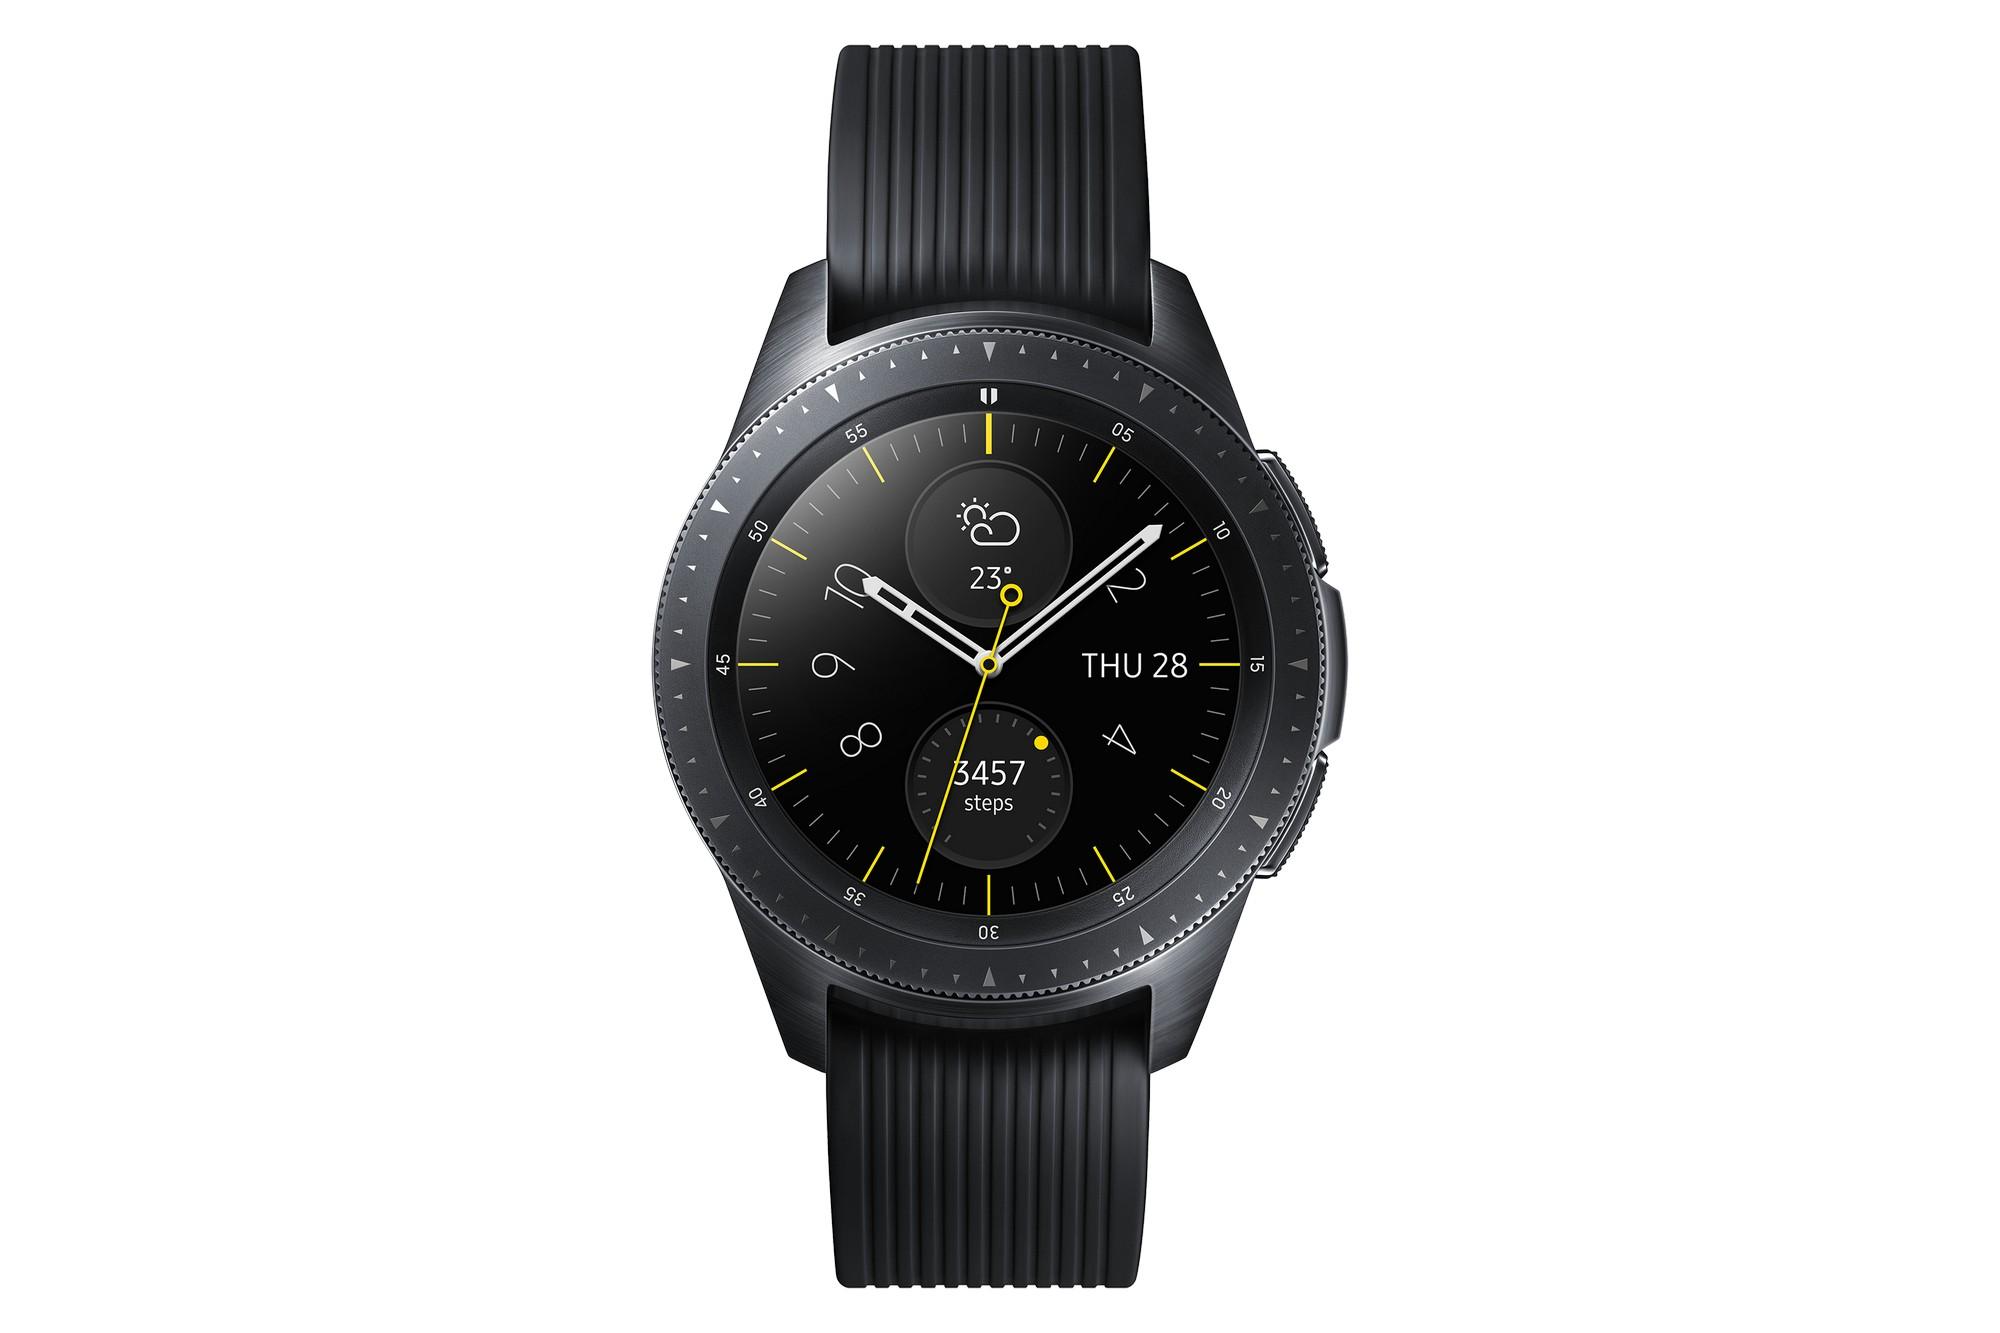 06e1c0ef660e Versão com 4G do Samsung Galaxy Watch chega ao Brasil por R  2